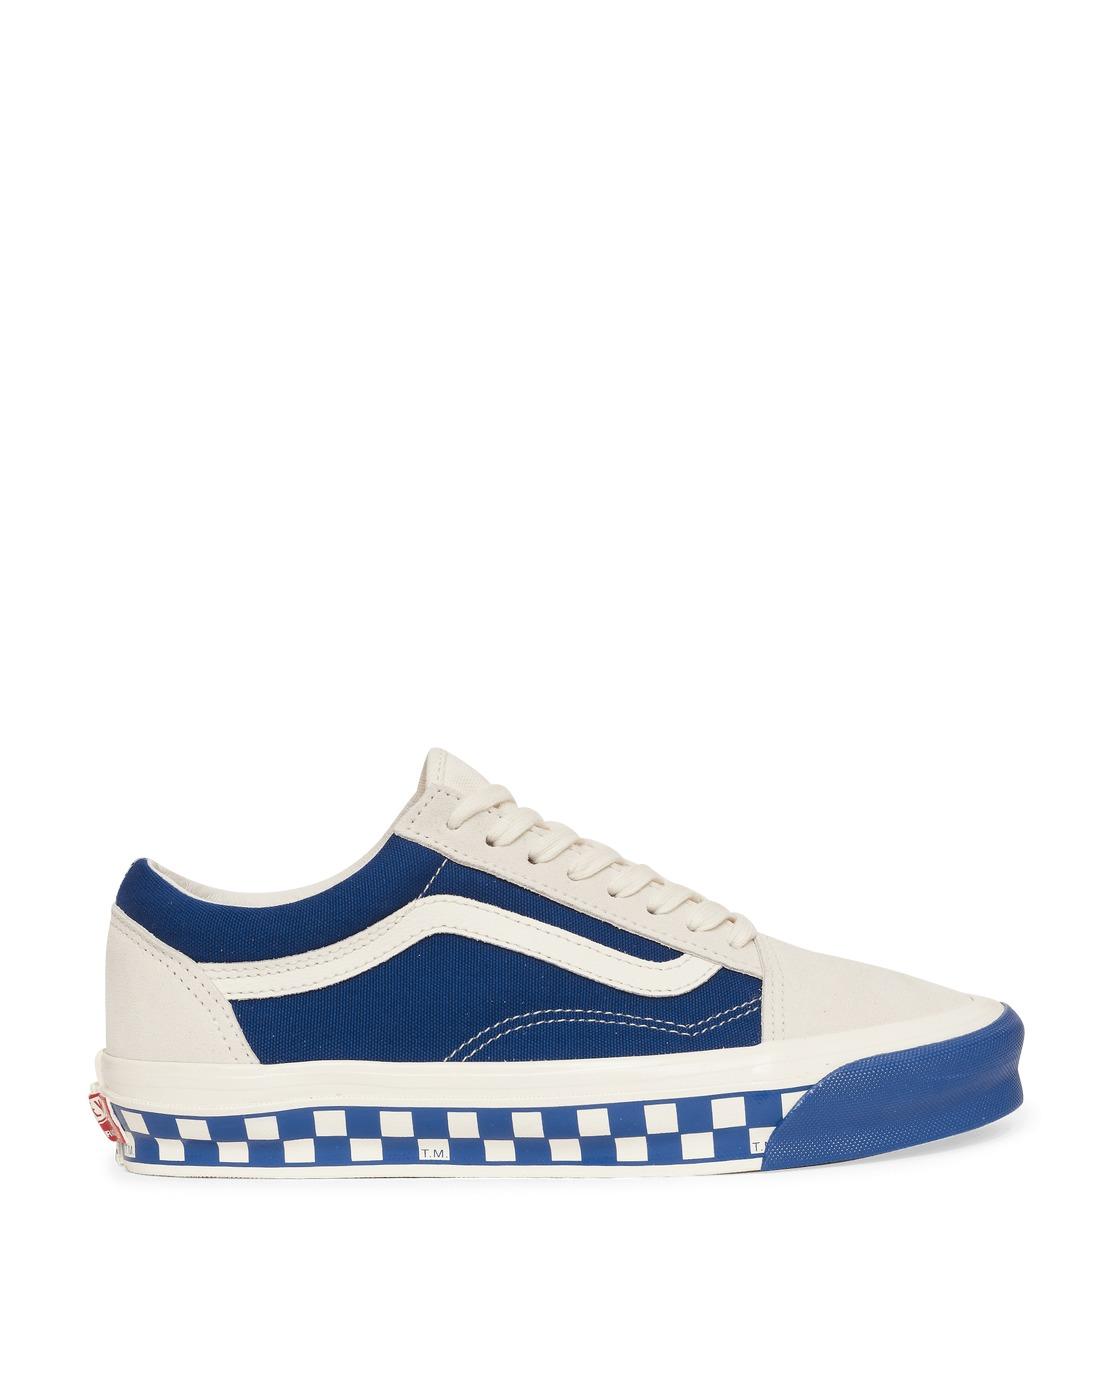 Photo: Vans Og Old Skool Lx Sneakers Mrshmlw/Trbl